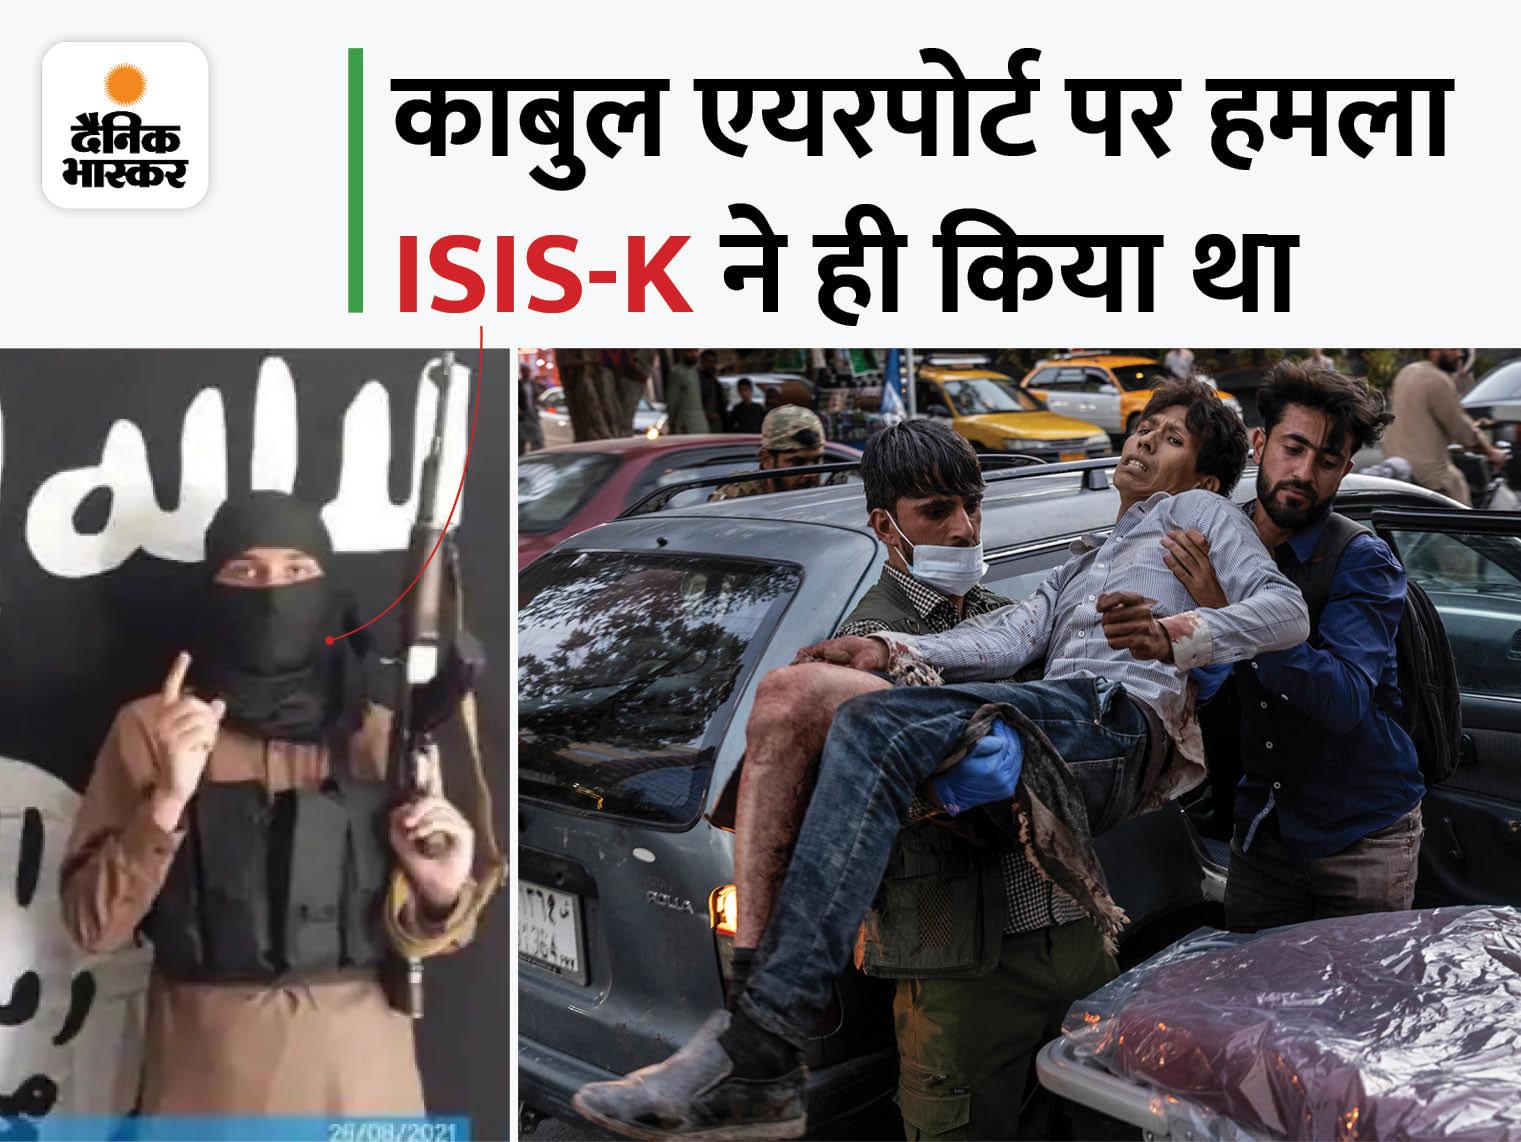 देश के हिंदू नेताओं और मंदिरों को निशाना बना सकता है खुरासान आतंकी संगठन, काबुल एयरपोर्ट पर इसी ने किया था ब्लास्ट|देश,National - Dainik Bhaskar